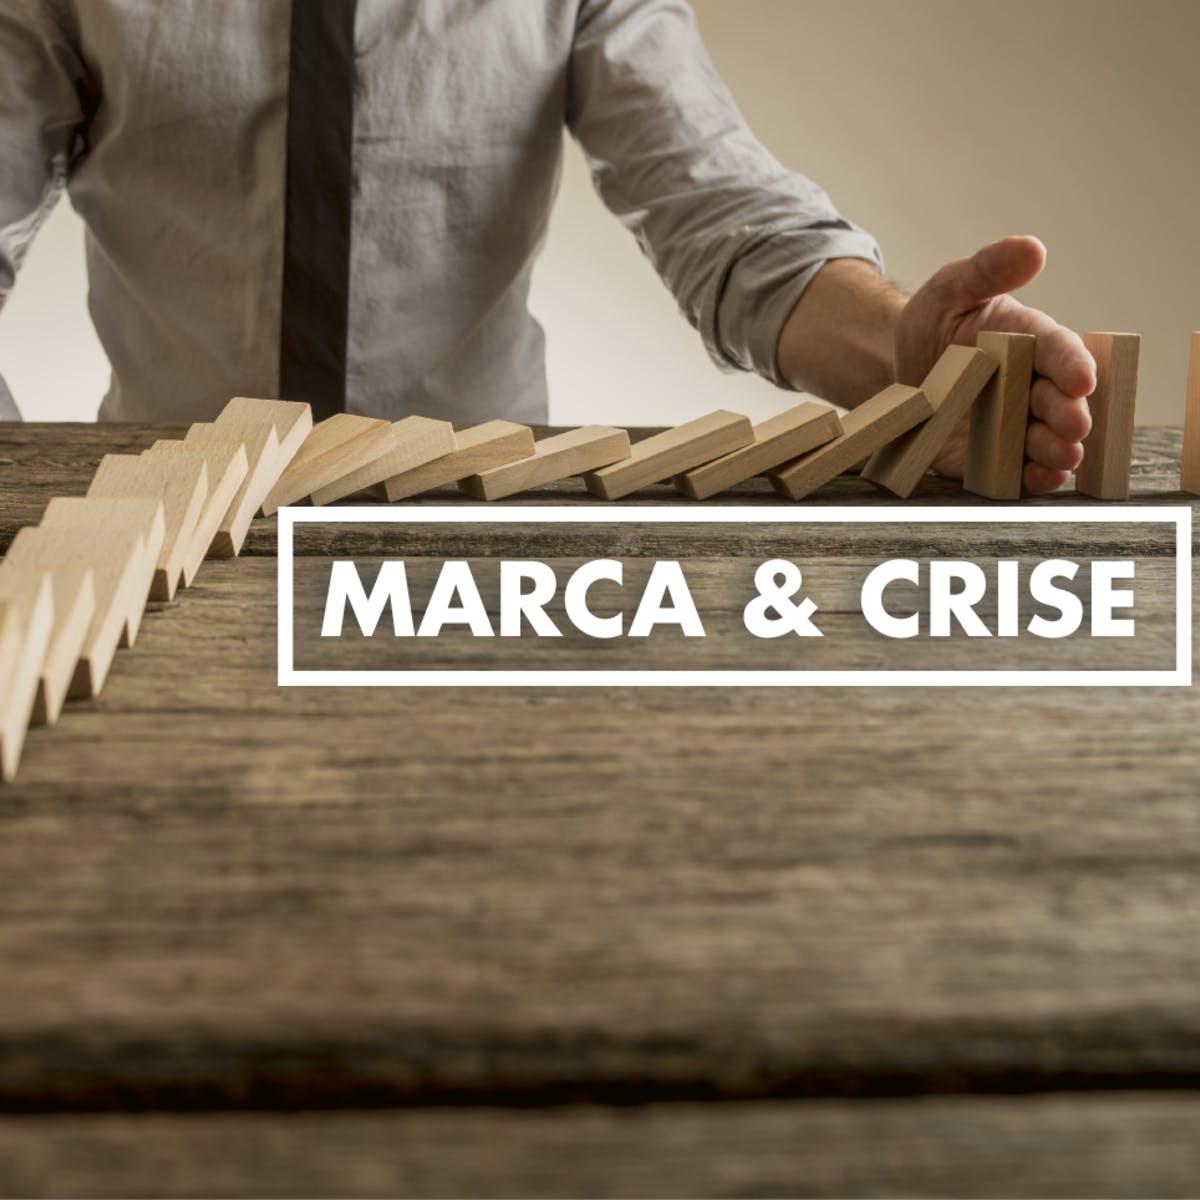 Gestão de Marca & Crise de Imagem